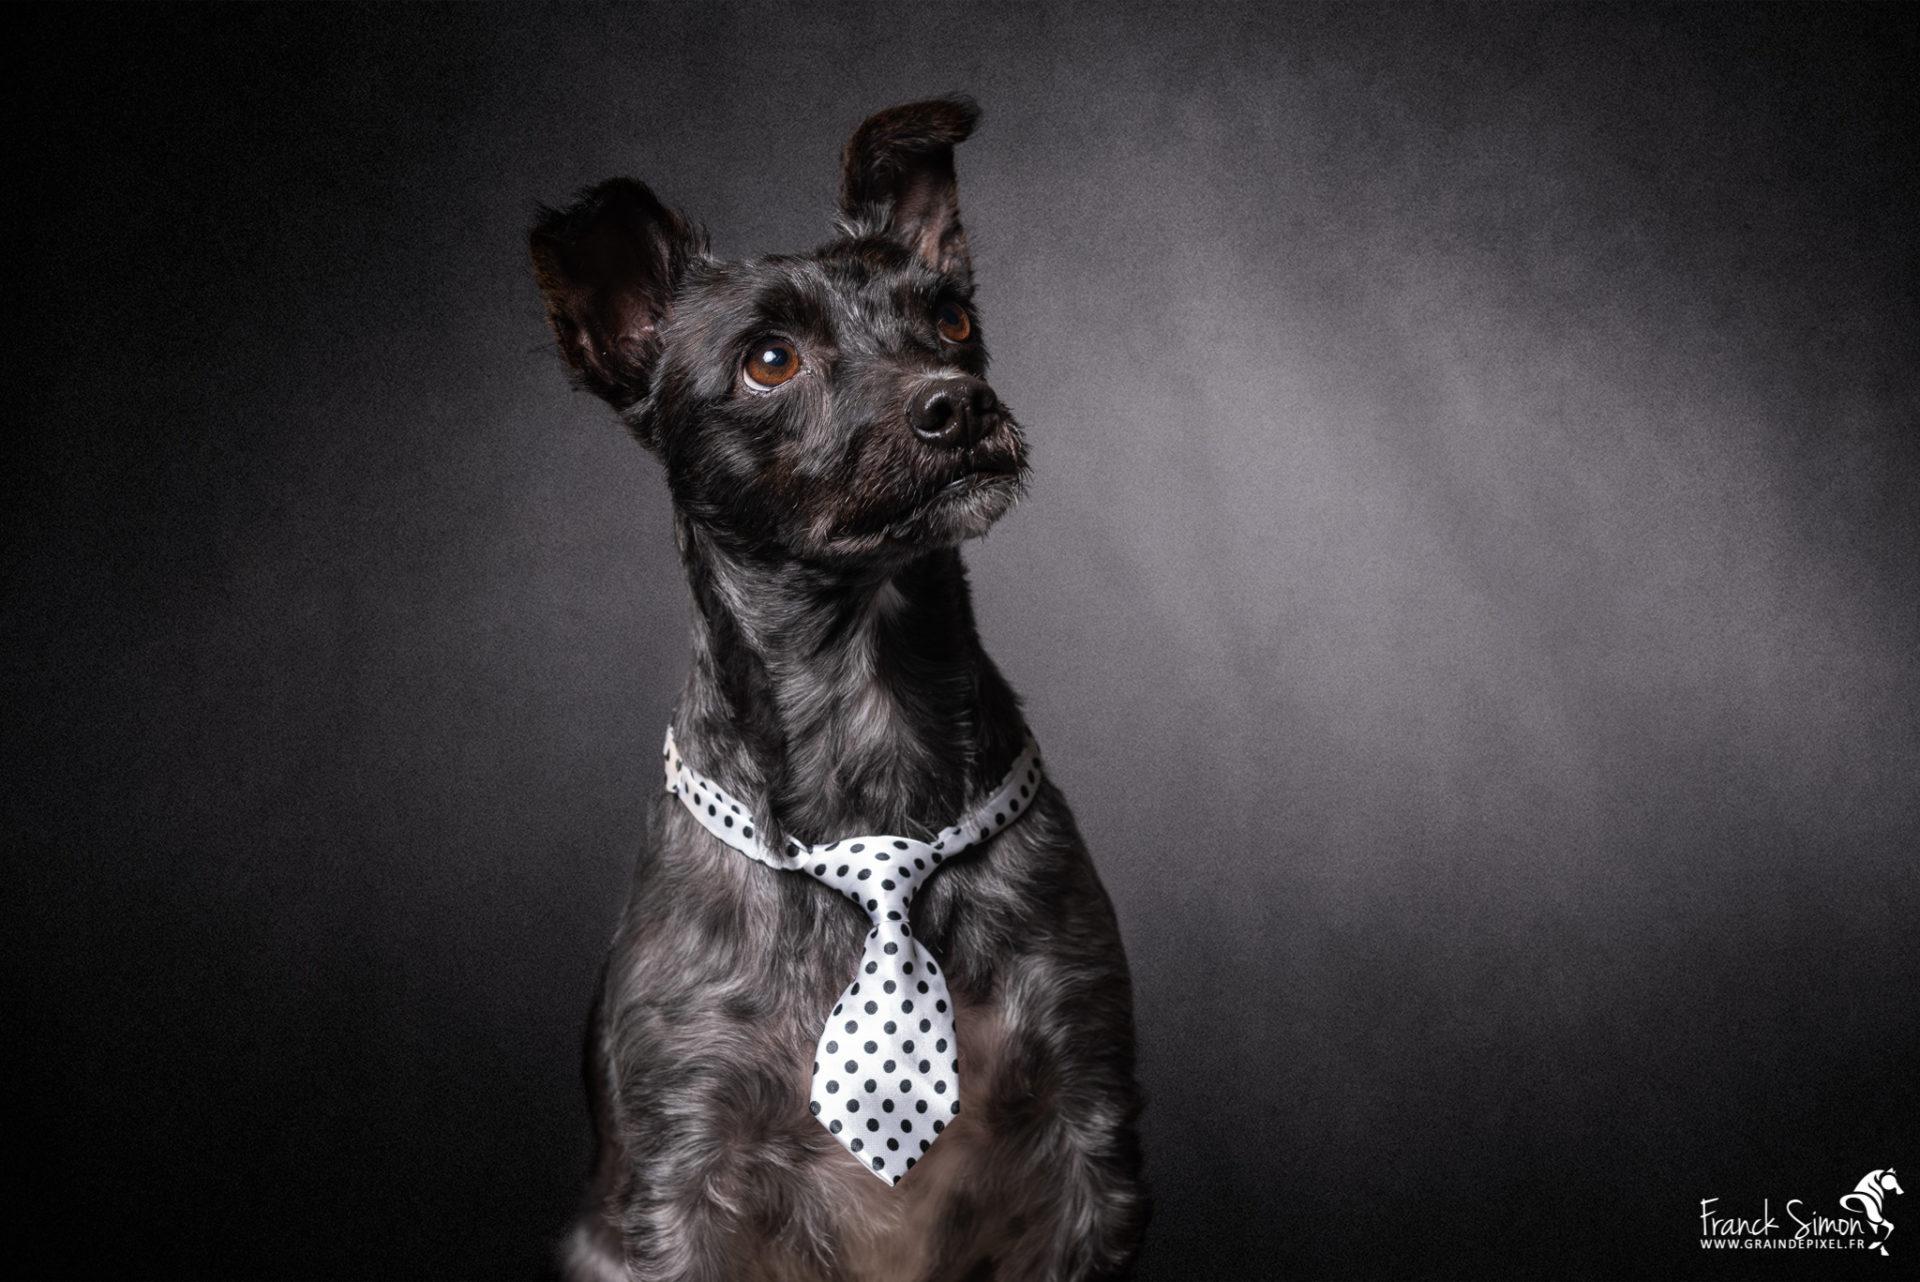 Photographier son chien : les conseils d'un photographe canin professionnel